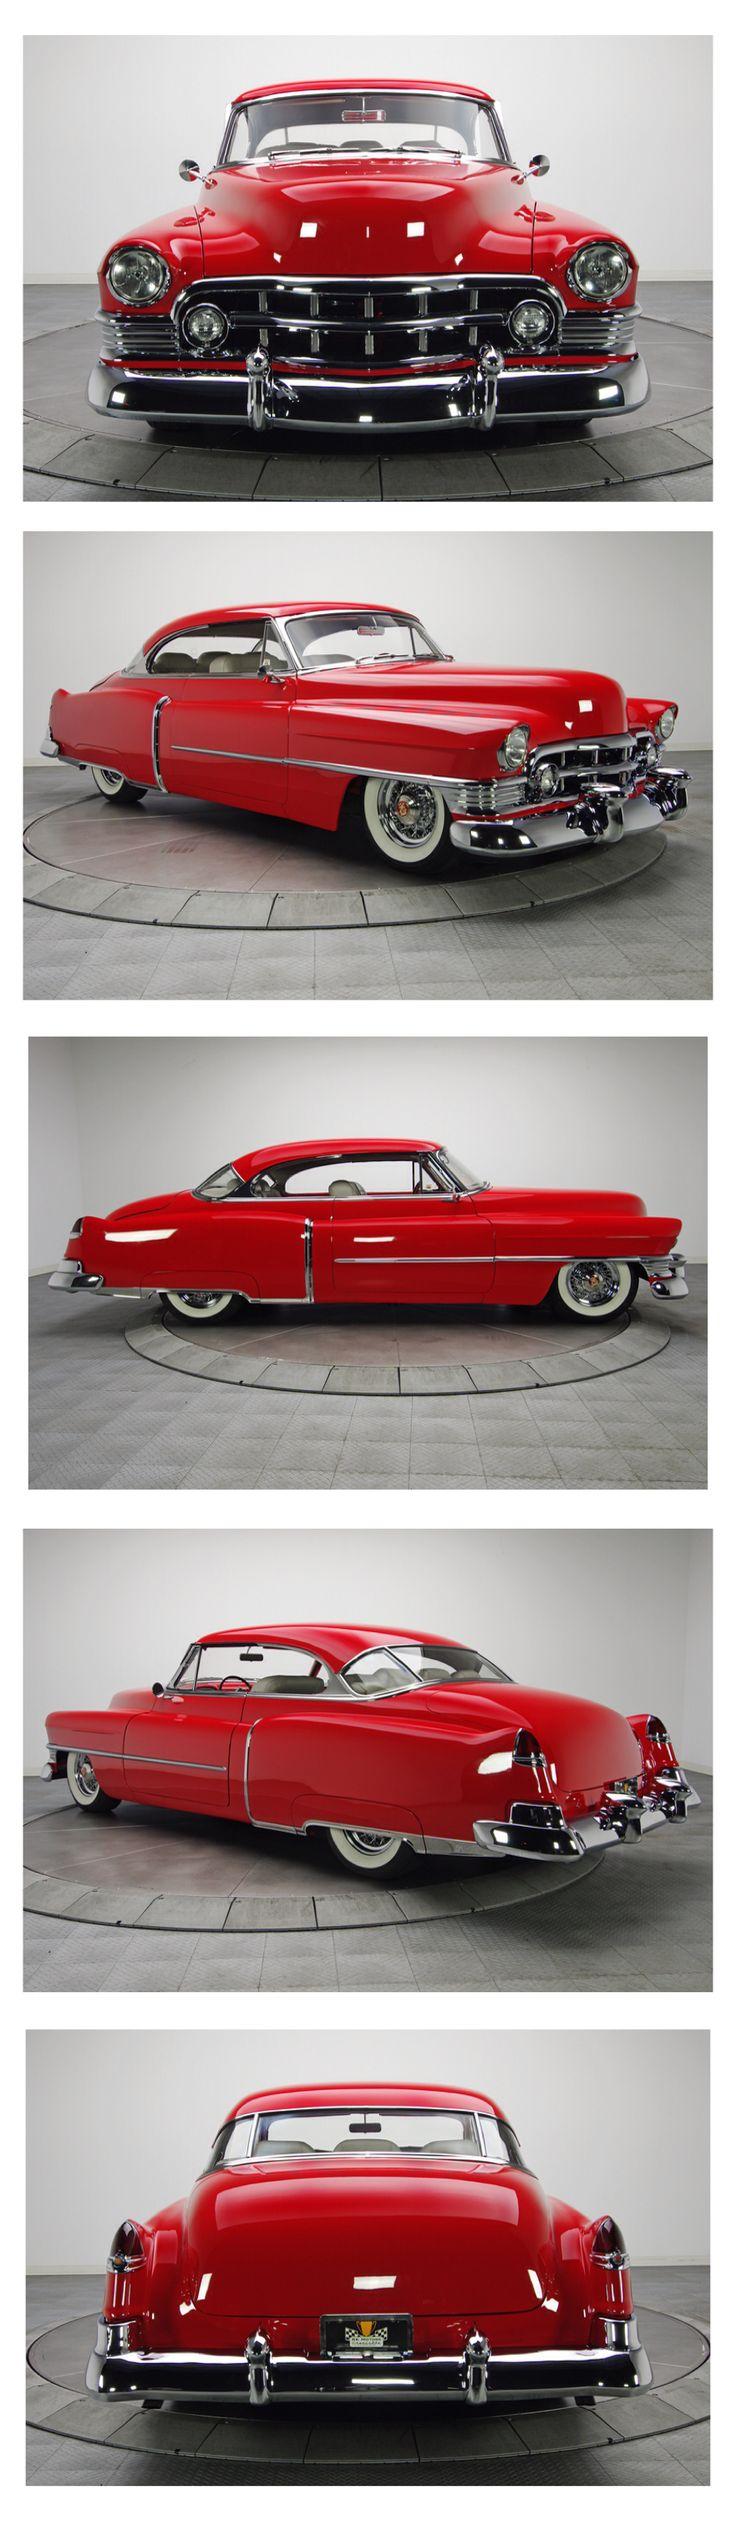 De l'allure, du charme, ce n'est autre qu'une Cadillac Series 61 de 1960 #vintage